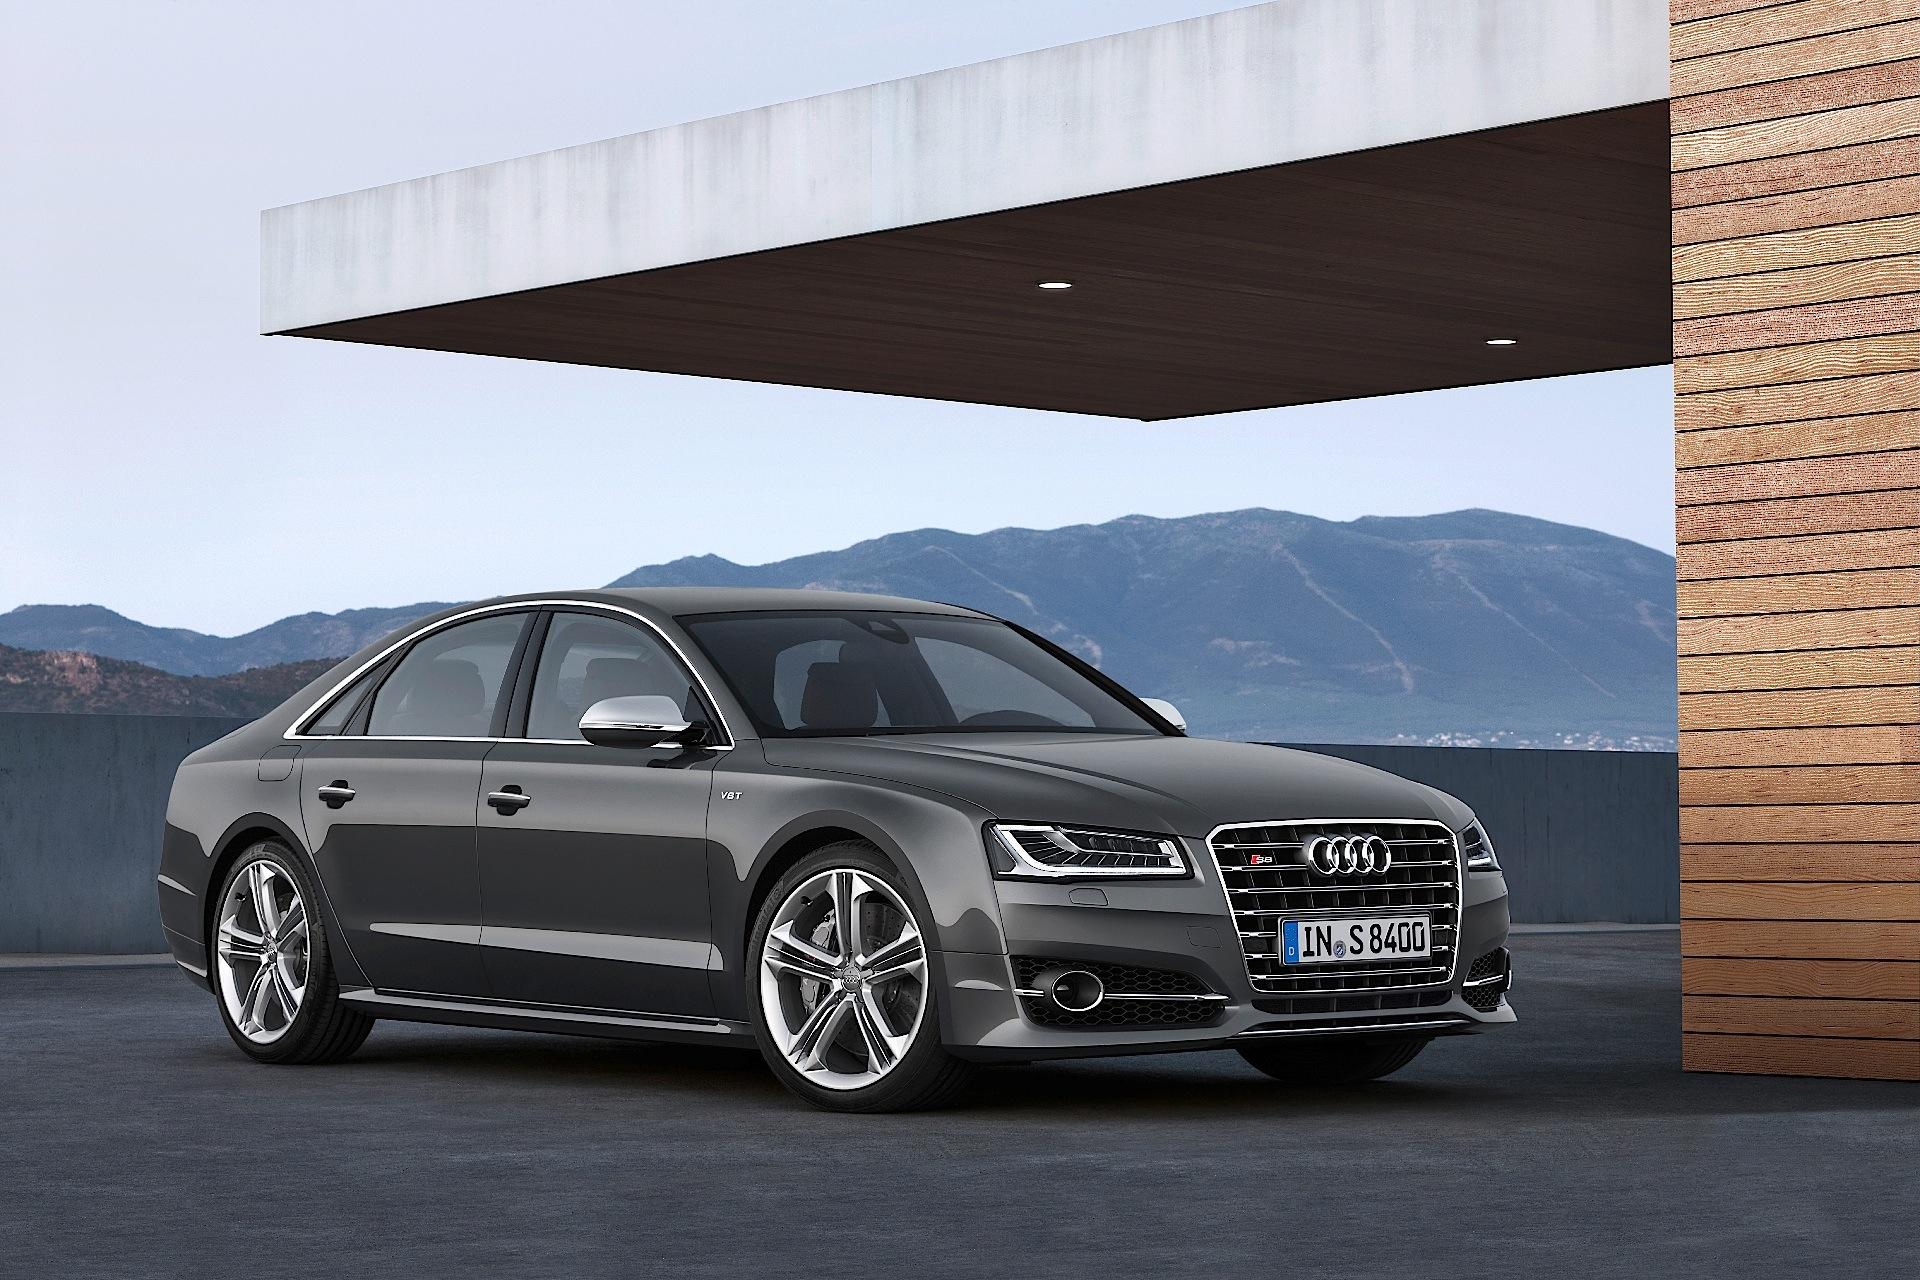 Kelebihan Kekurangan Audi S8 2013 Spesifikasi